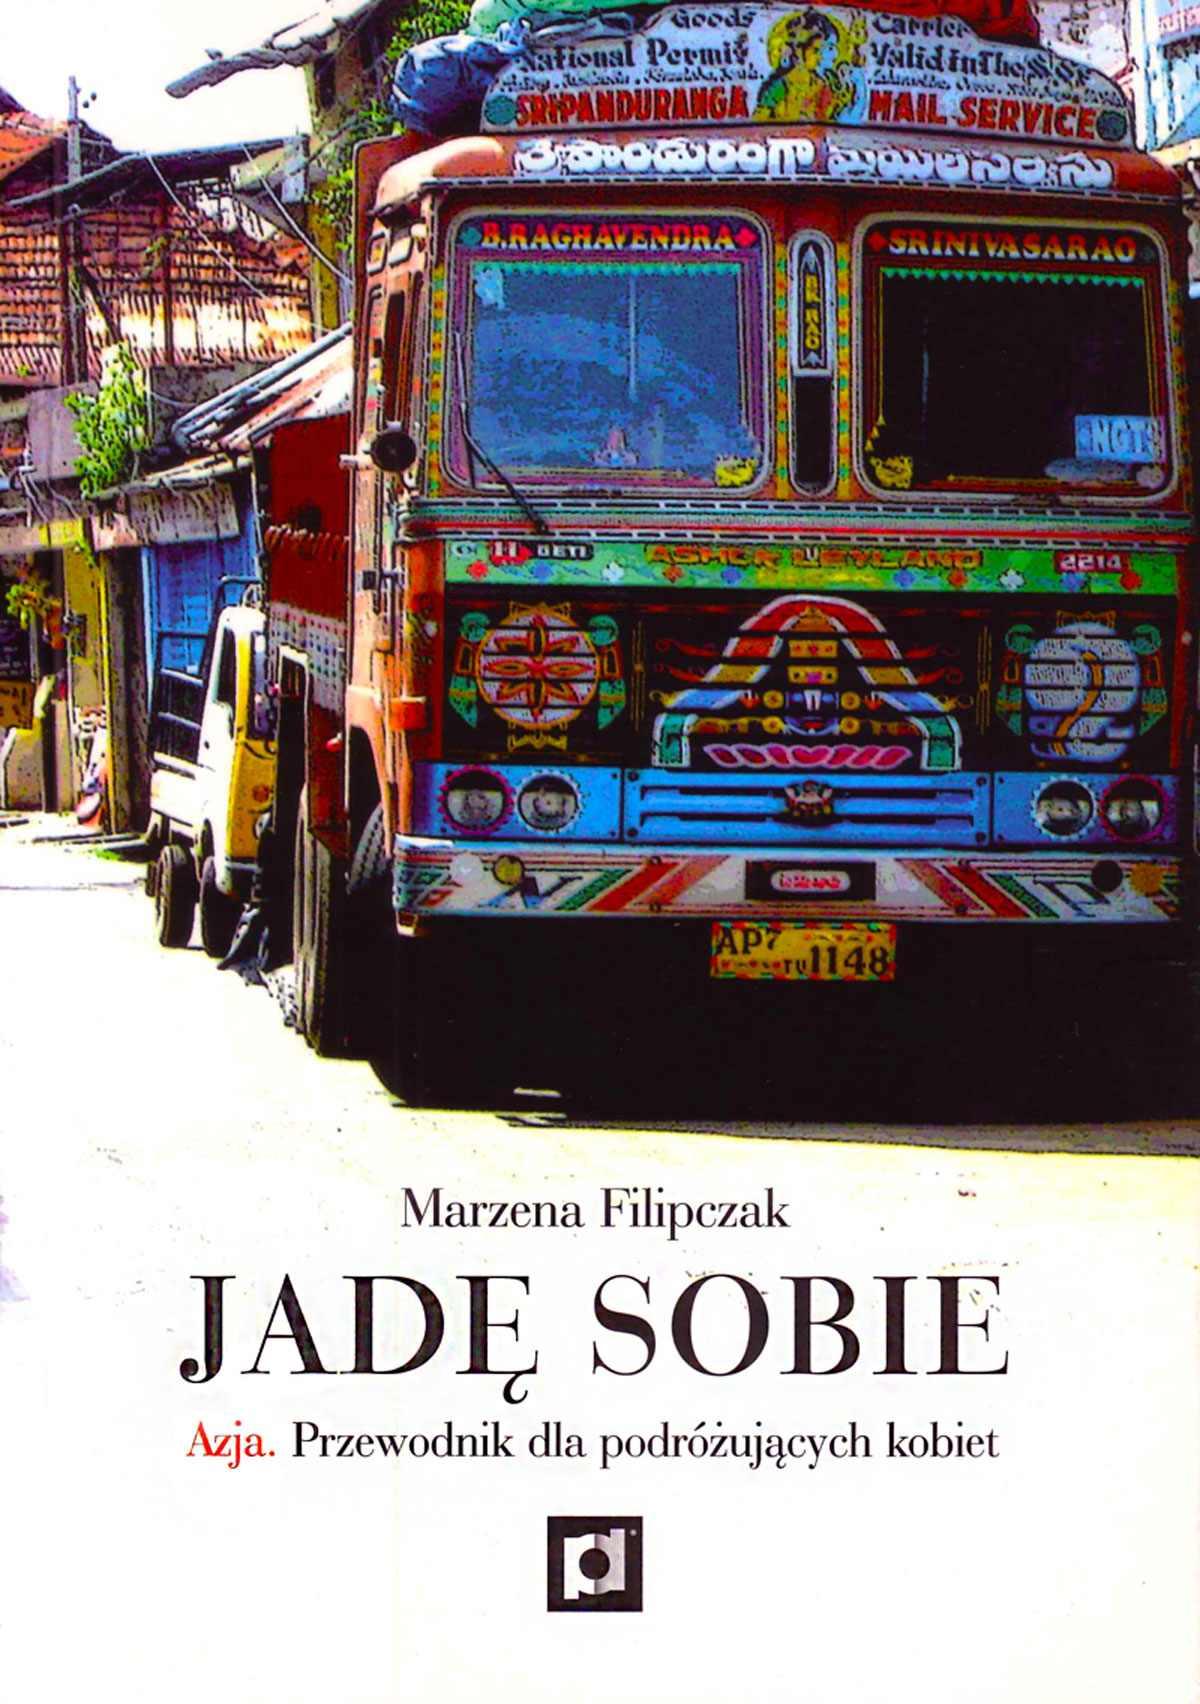 Jadę sobie. Azja. Przewodnik dla podróżujących kobiet - Ebook (Książka na Kindle) do pobrania w formacie MOBI